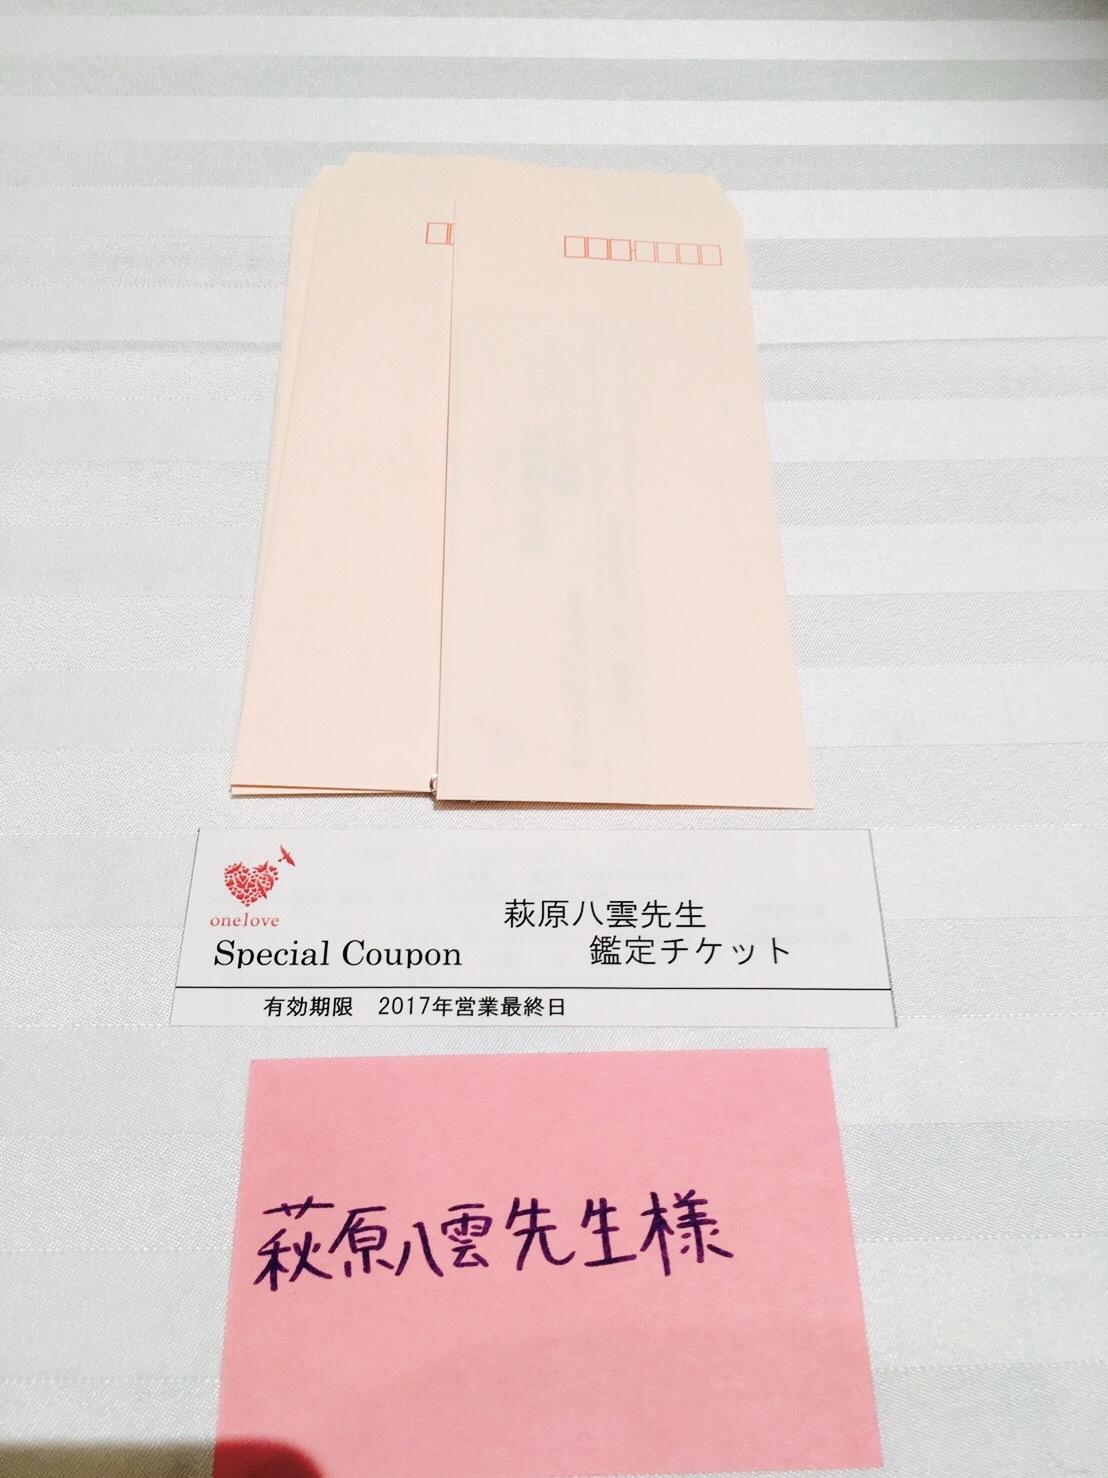 第6回 One Loveチャリティパーティ 協賛の御礼_a0149478_12240866.jpg